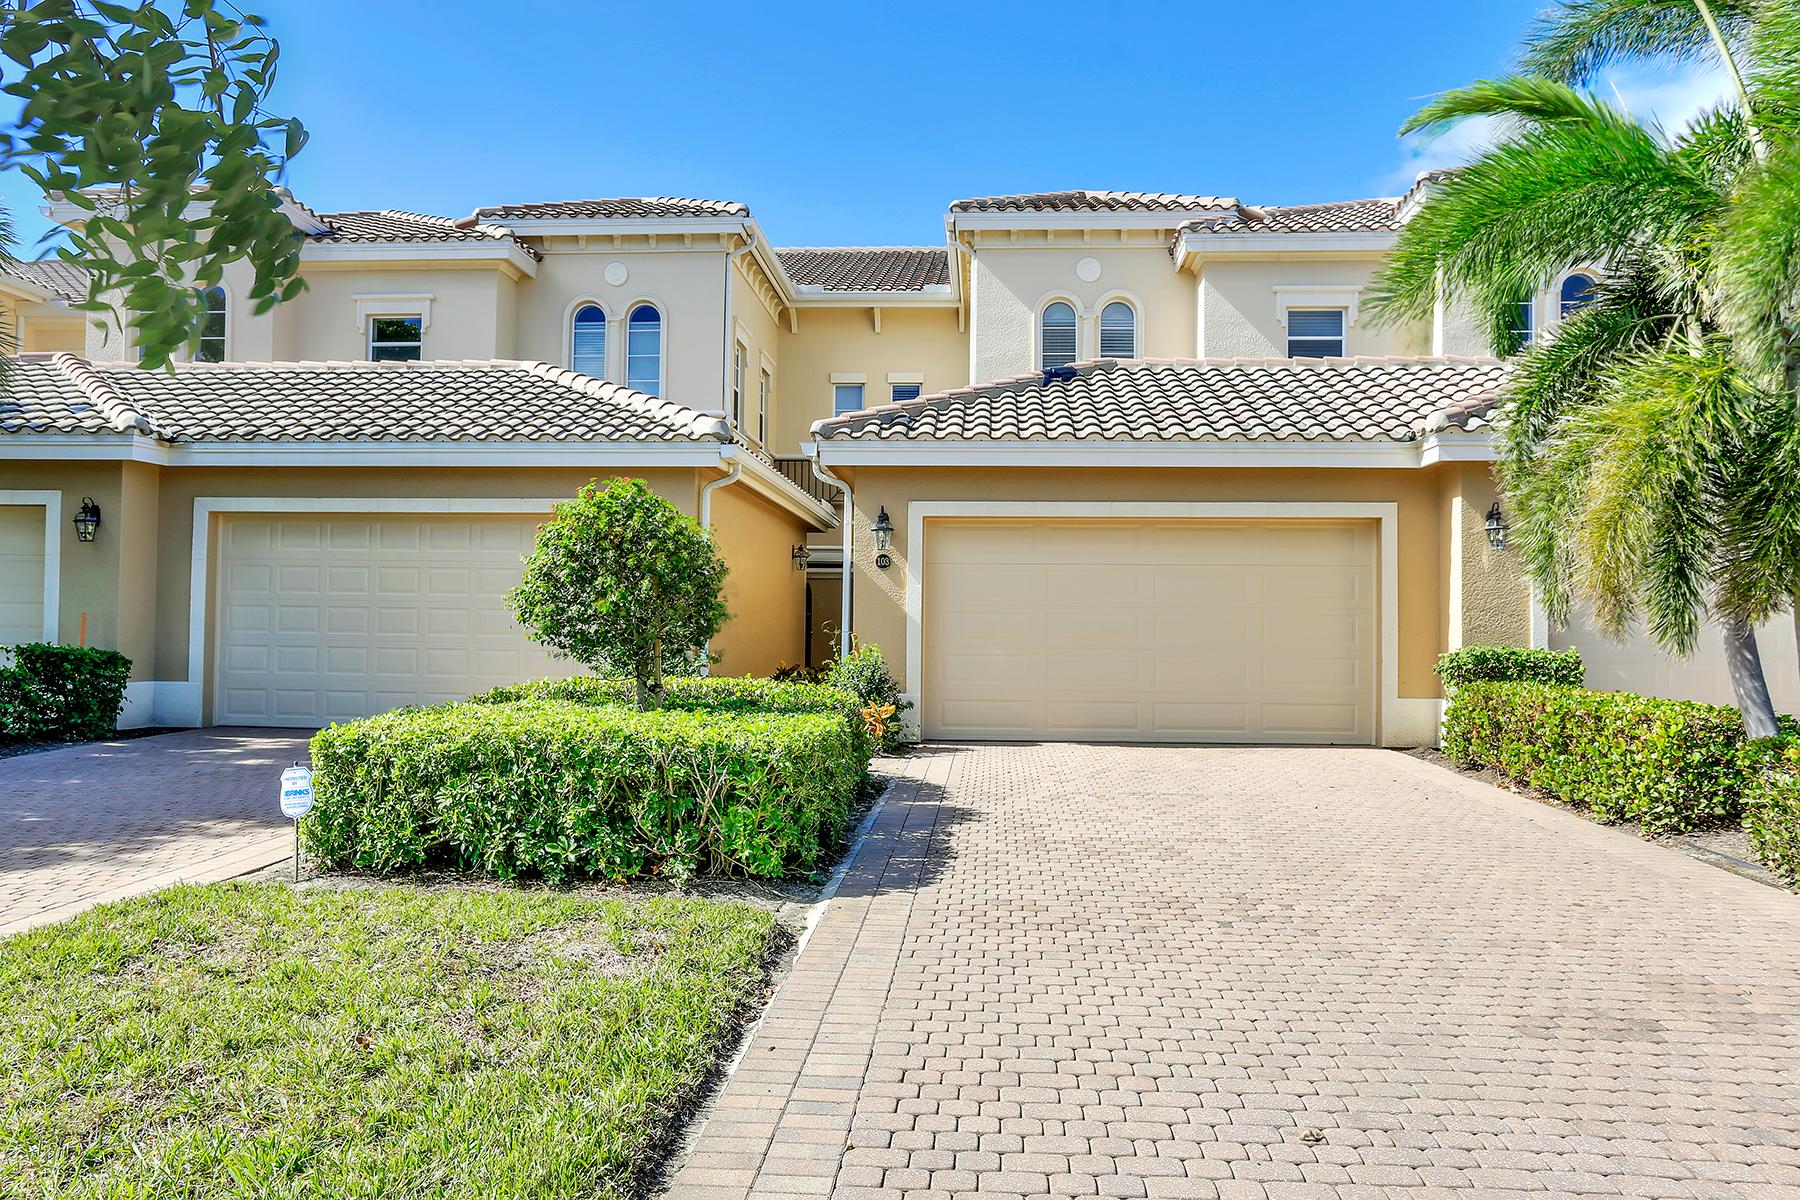 Condominium for Sale at FIDDLERS CREEK 3035 Marengo Ct 103, Naples, Florida, 34114 United States